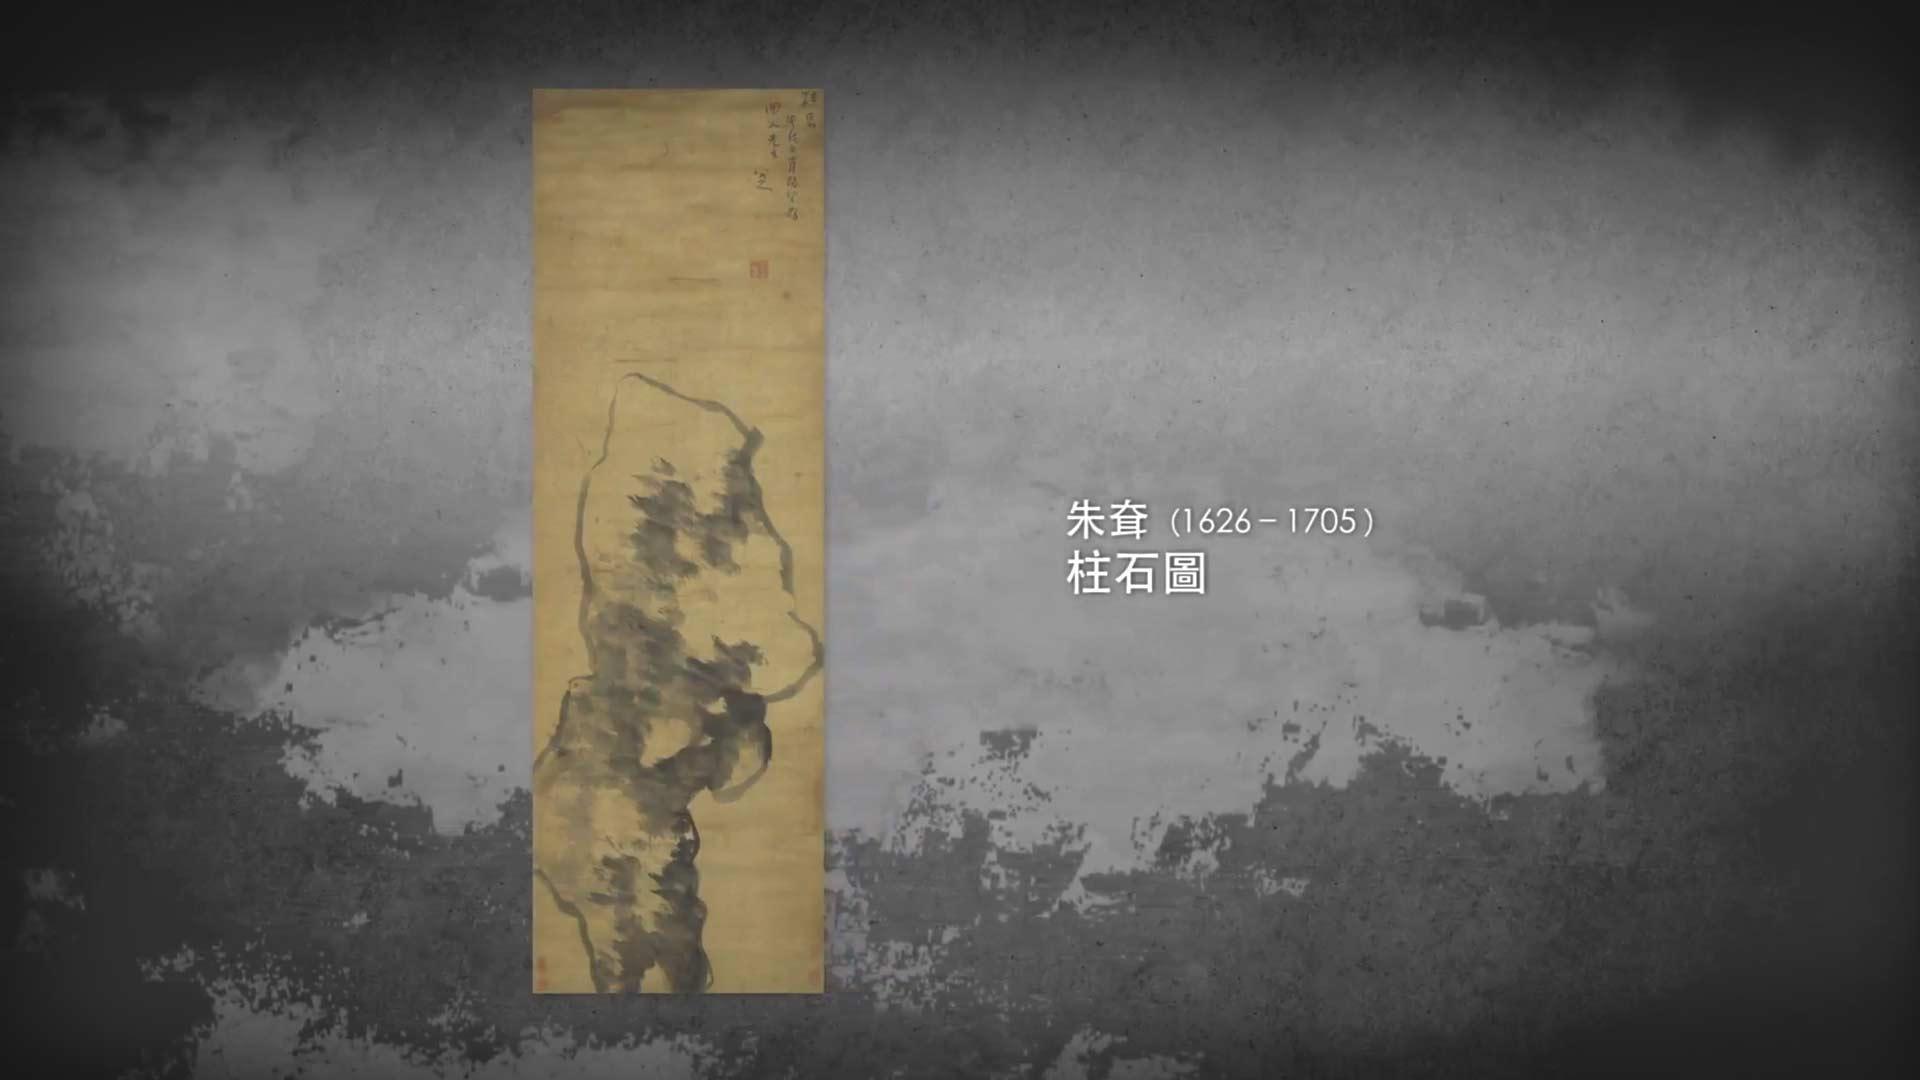 《呼吸美学-中国古画赏析》- 看山不是山 <p>画作提供:香港艺术馆虚白斋藏</p>